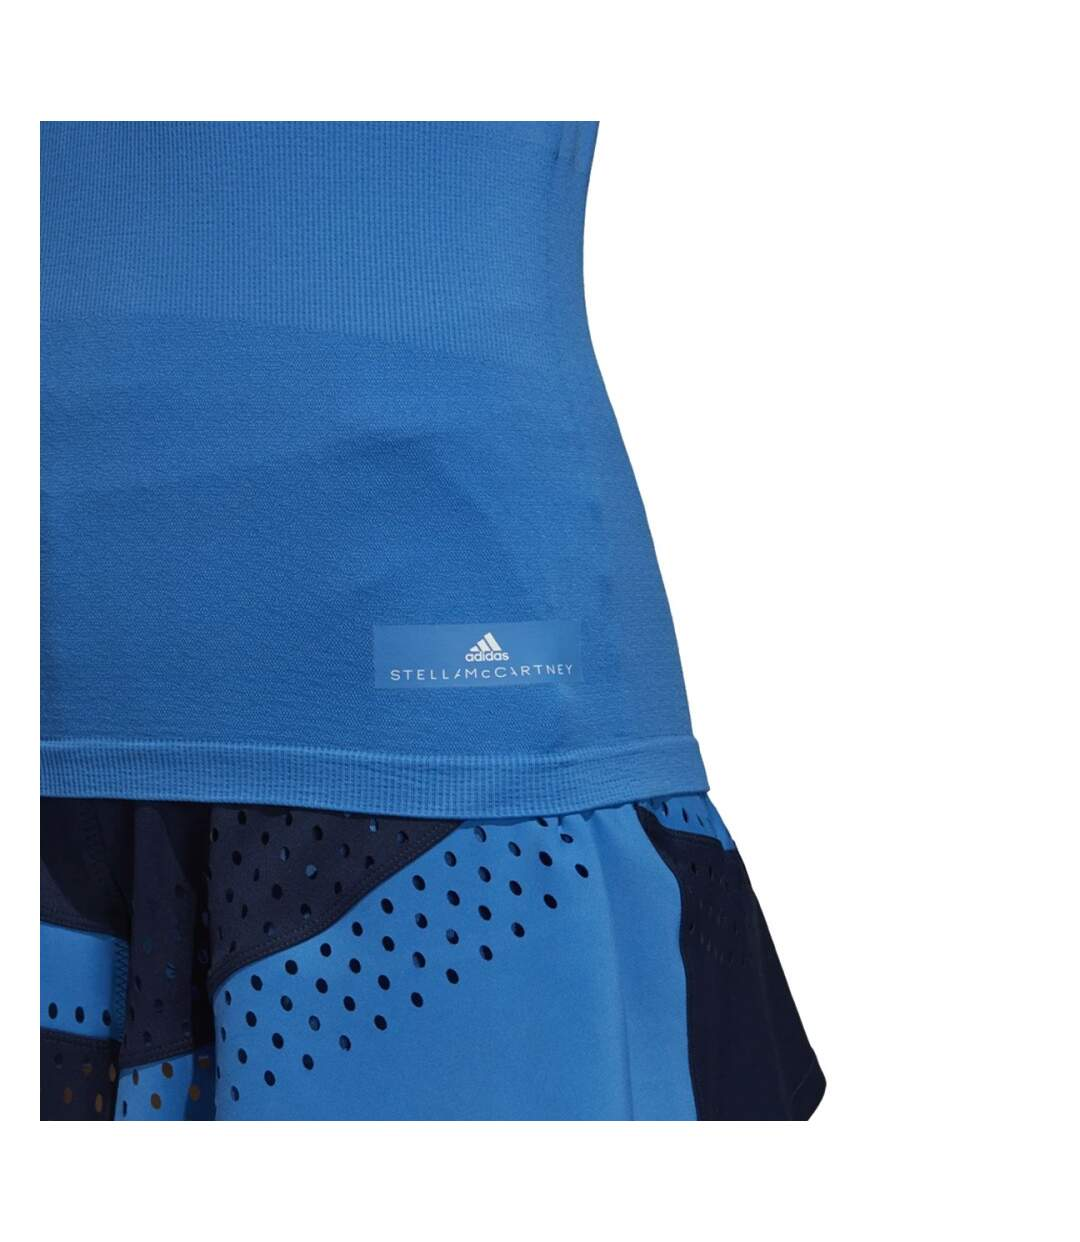 Dégagement T-Shirt de Tennis Bleu Femme Adidas aSMC TEE dsf.d455nksdKLFHG